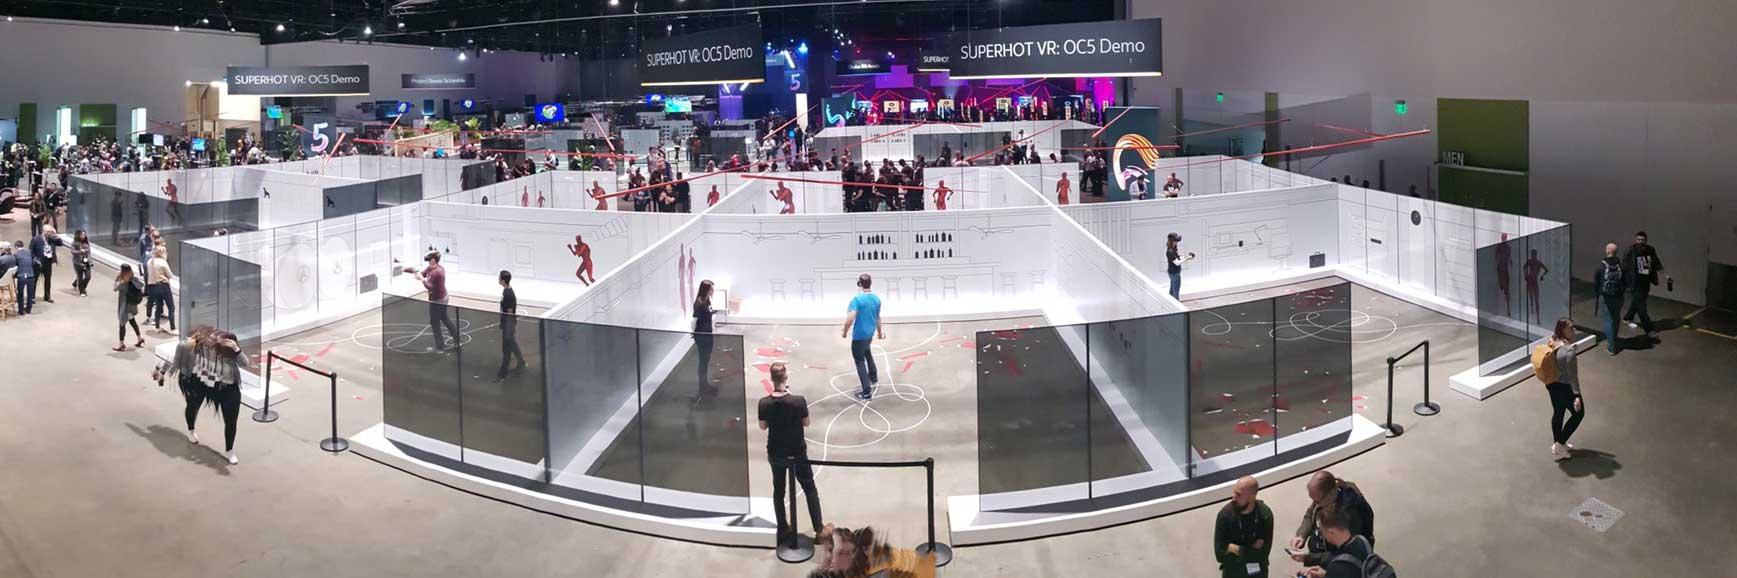 oculus go noleggio visore realtà virtuale MILANO Roma Fiere Firenze A Torino noleggio vr a Milano affitto occhiali VR Oculus per fiere eventi meeting, video vr 360 produzione Milano , realtà virtuale per aziende, affitto oculs htc vive